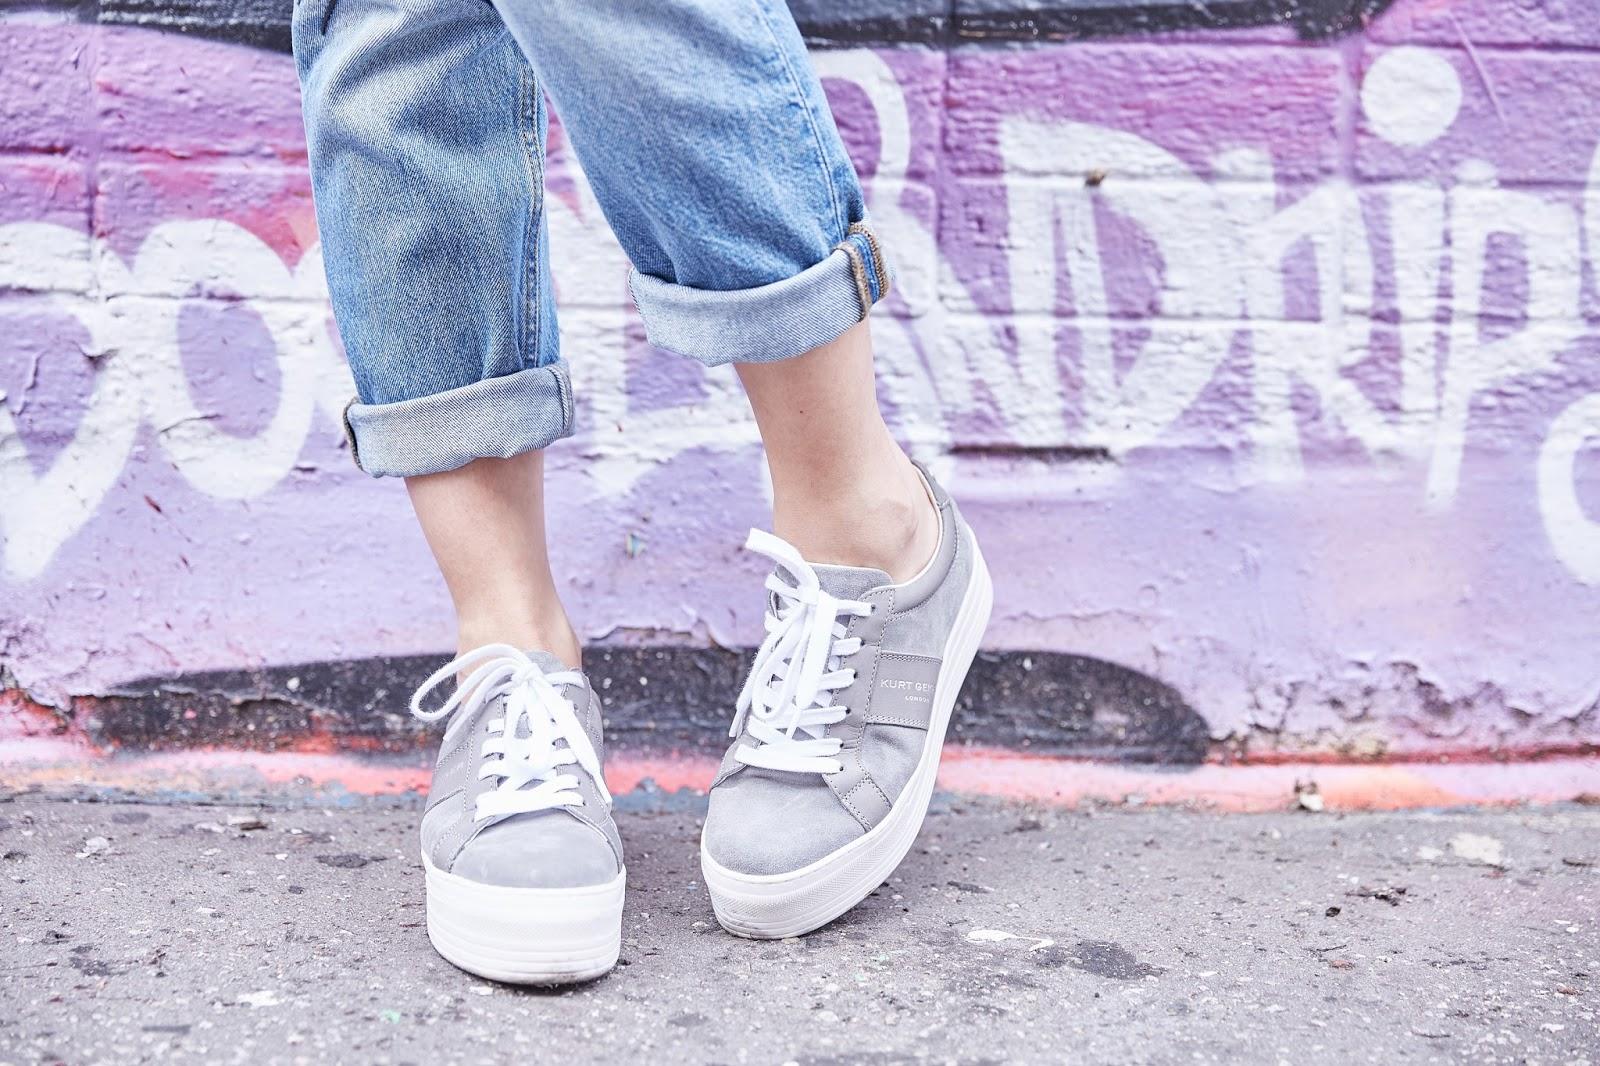 Ladbrook platform shoes from Kurt Geiger